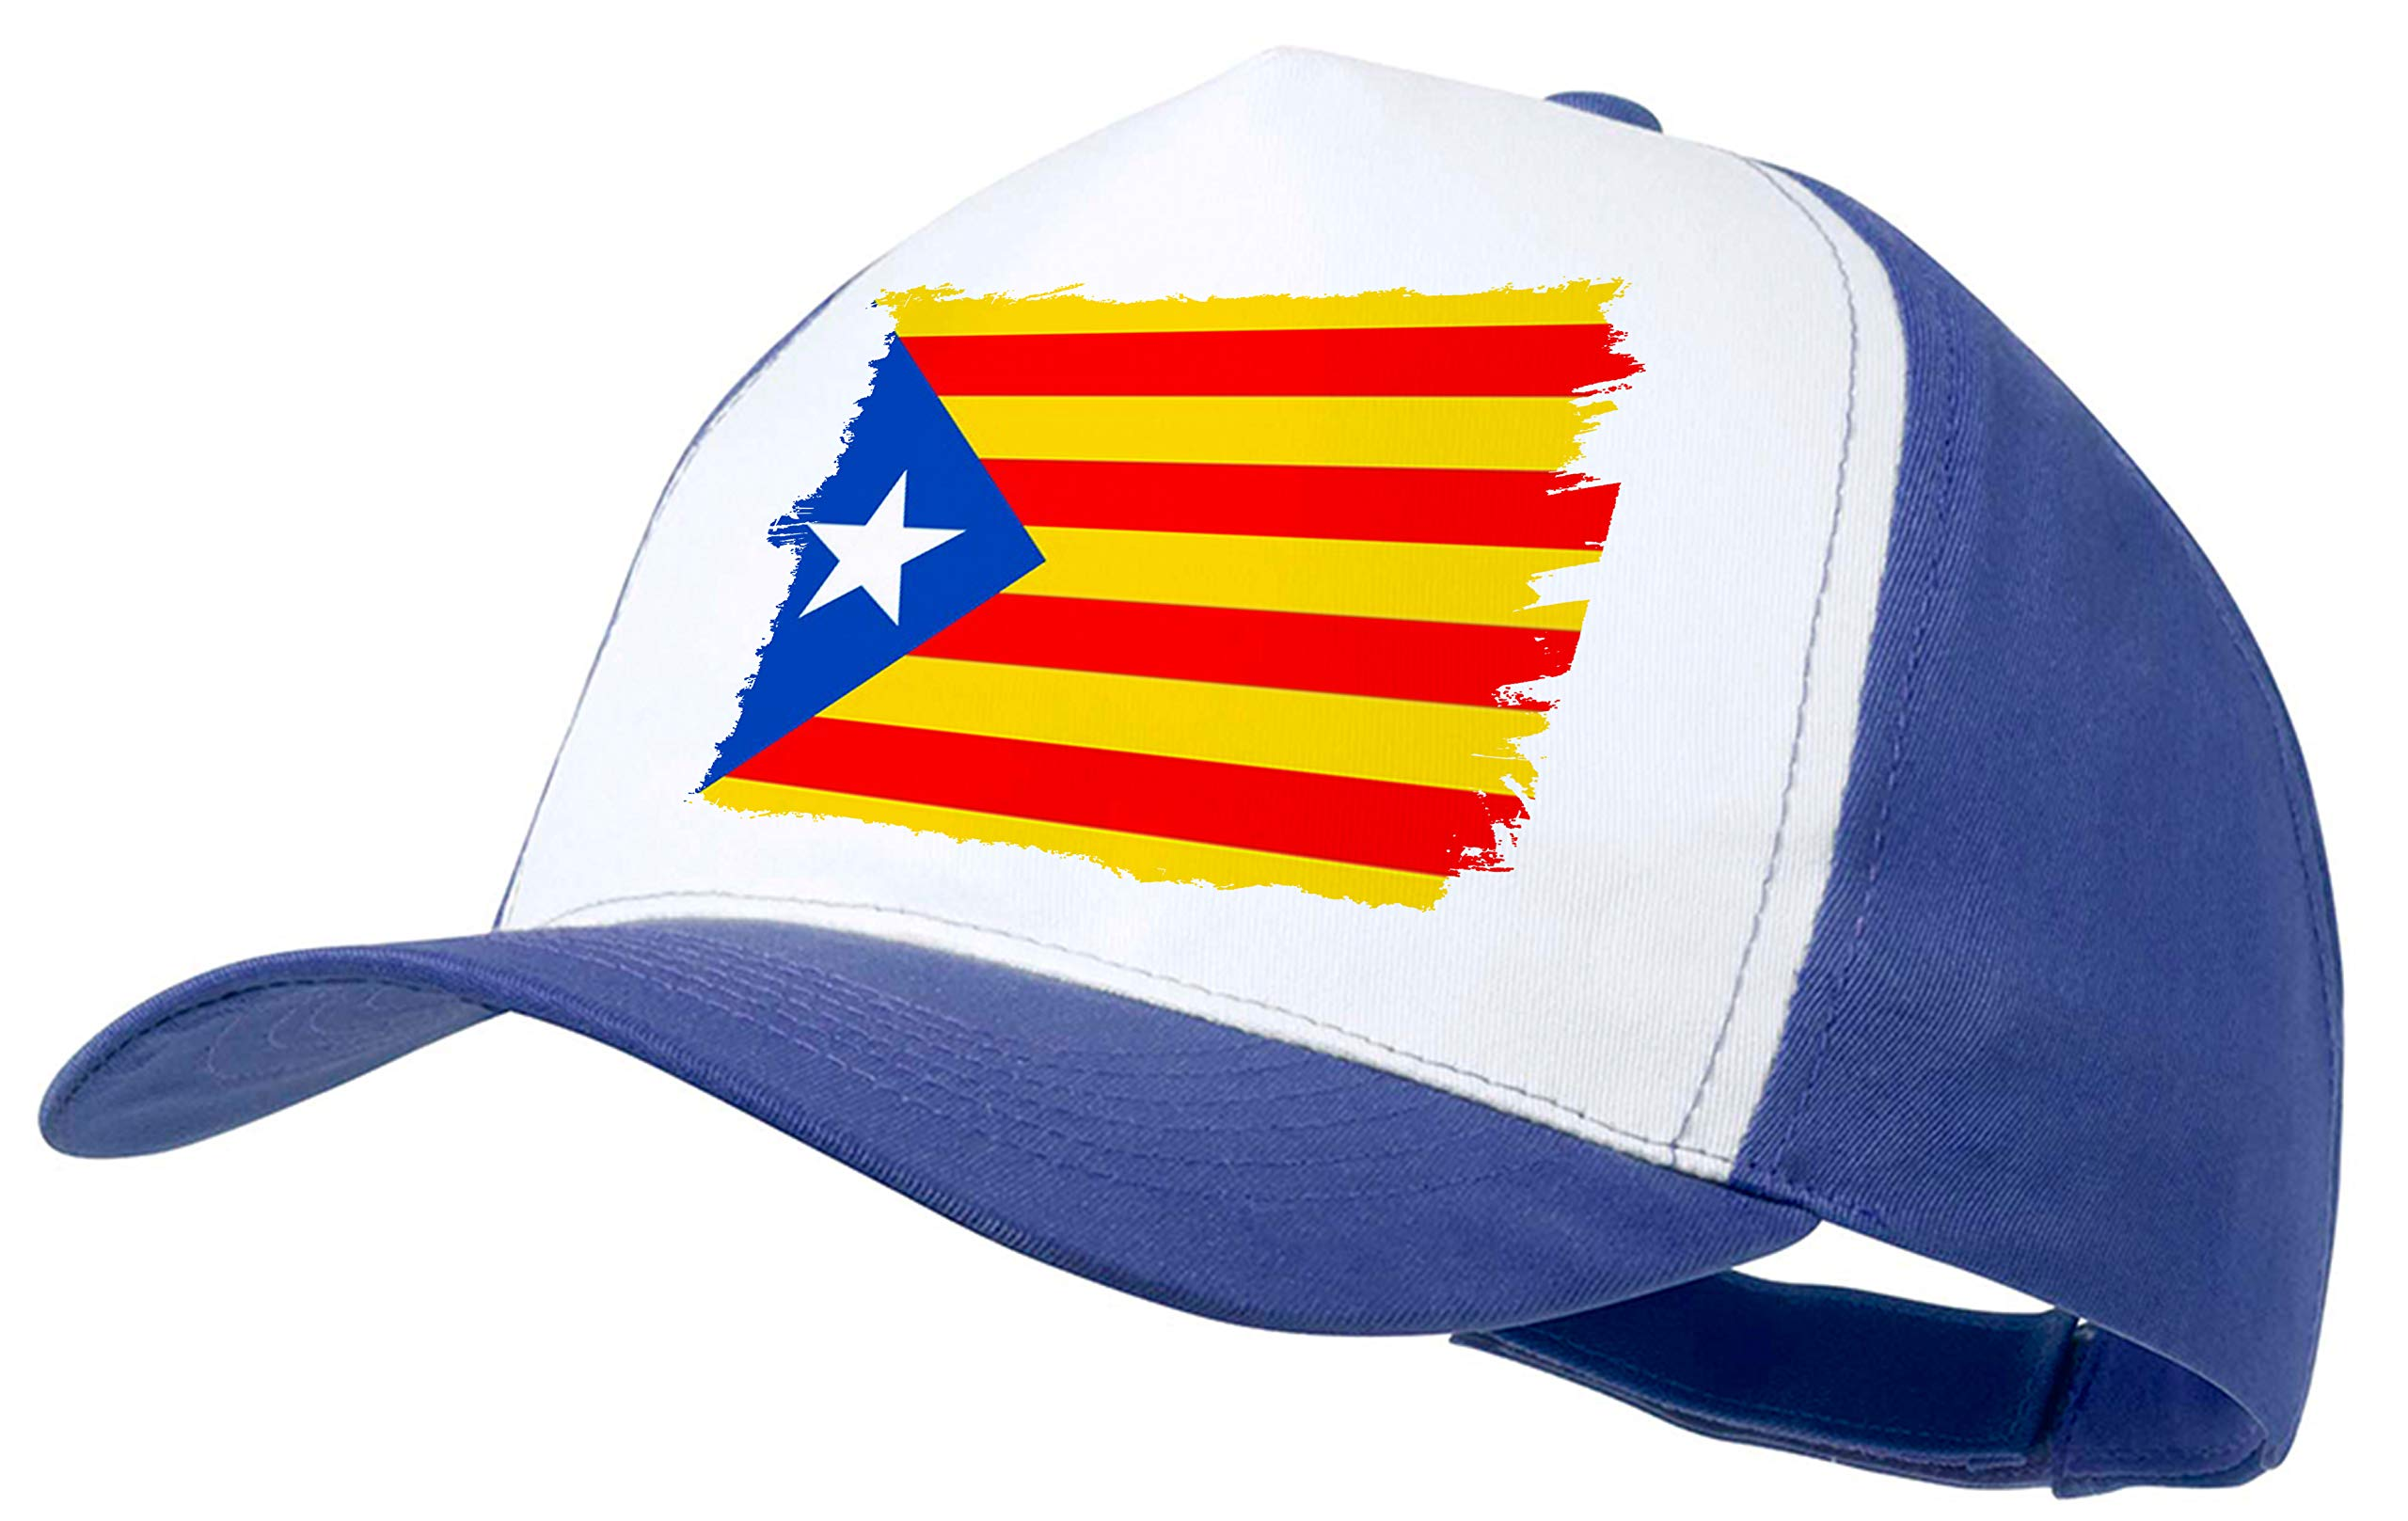 MERCHANDMANIA Gorra Azul Bandera CATALUÑA Independencia Color Cap ...